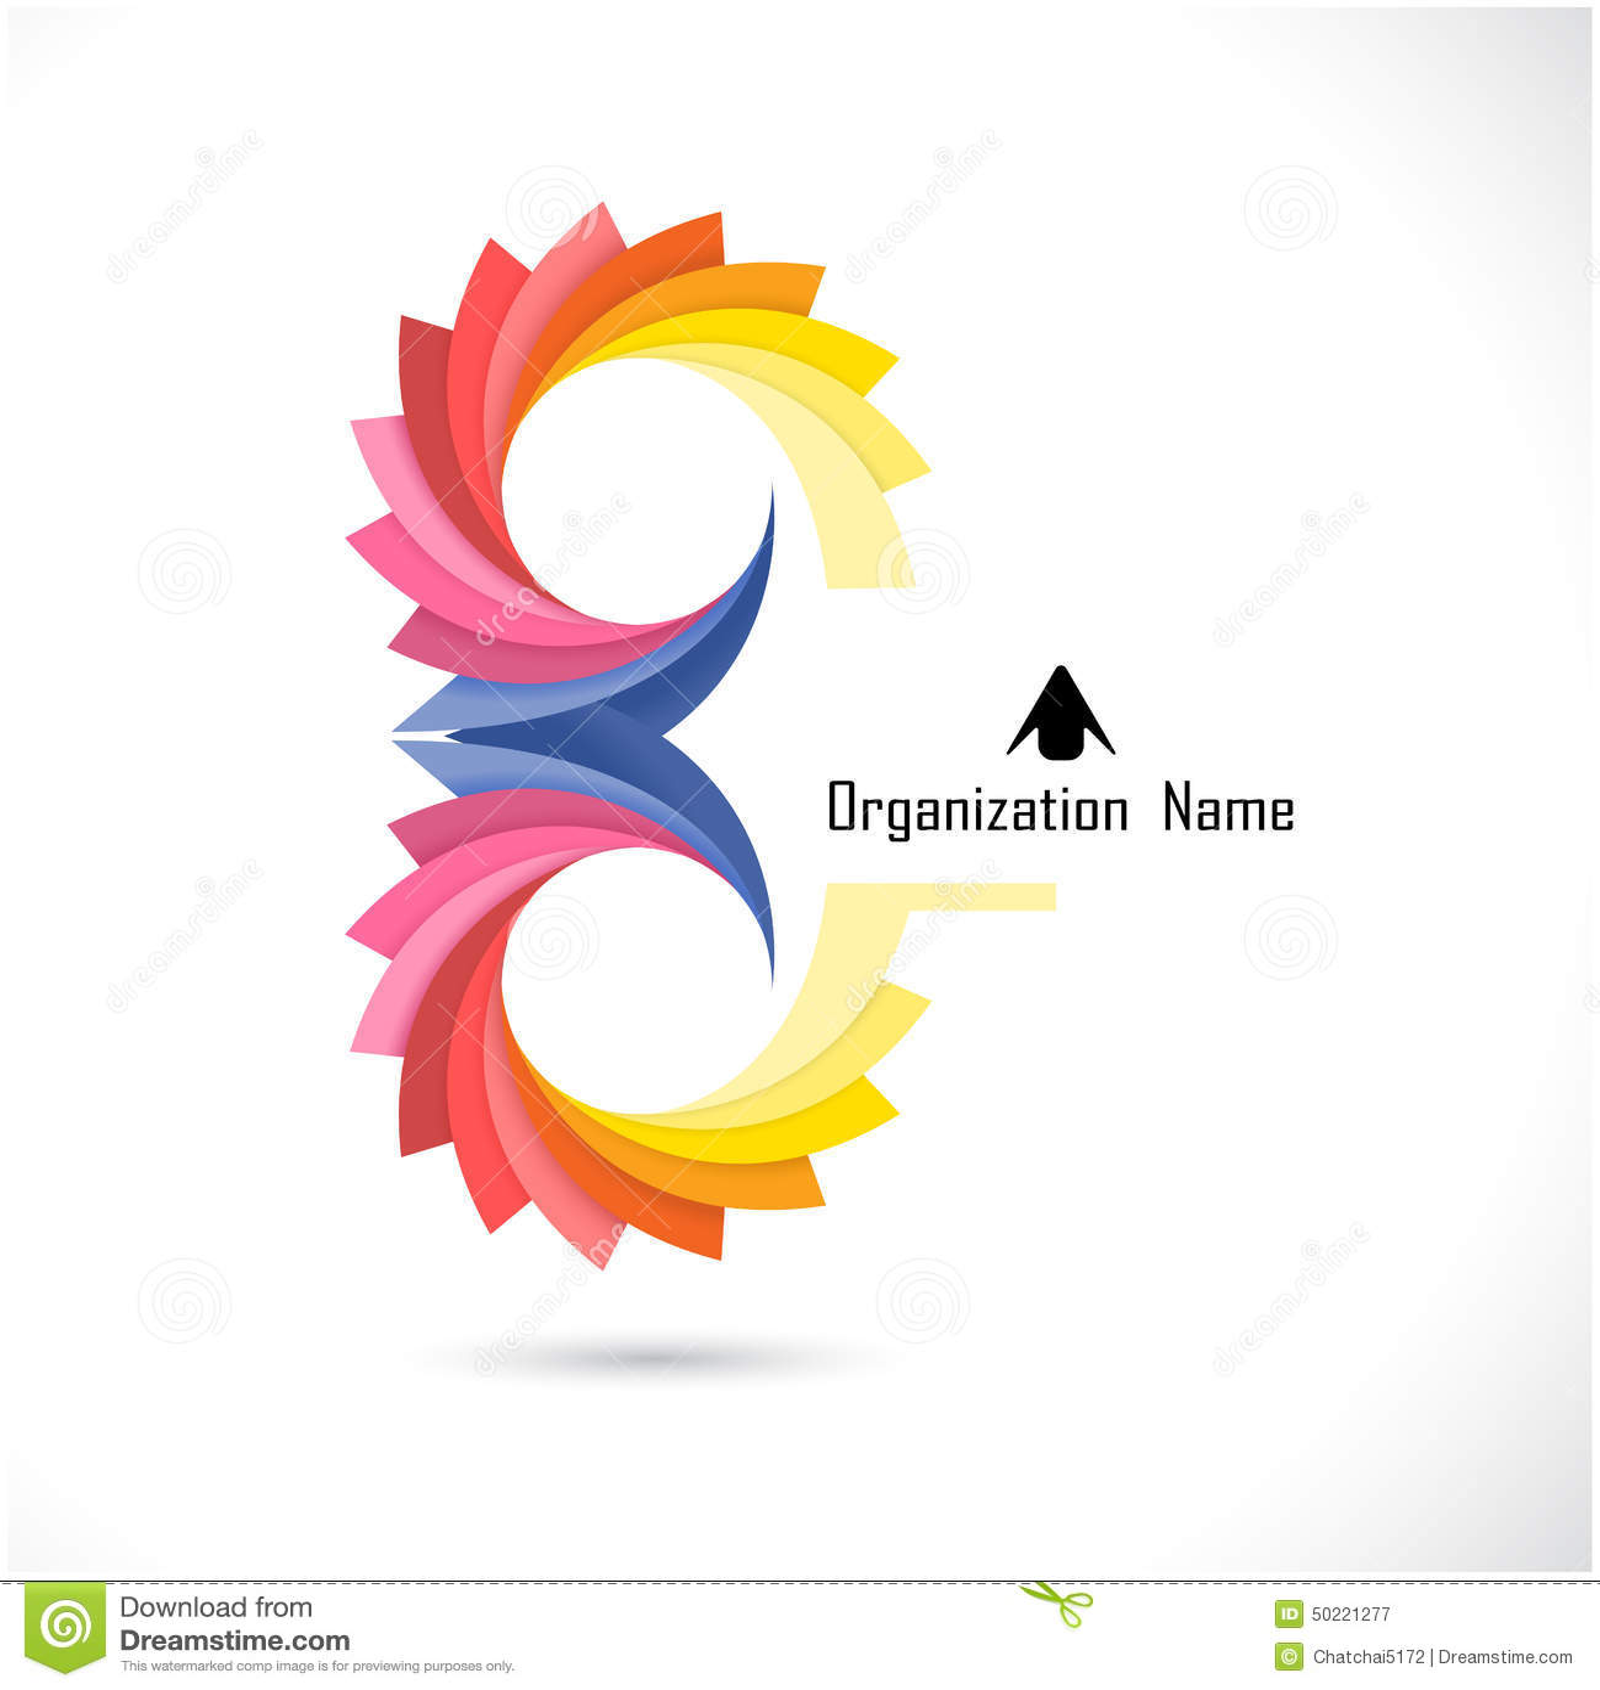 design a company logo free templates - creative abstract vector logo design template corporate